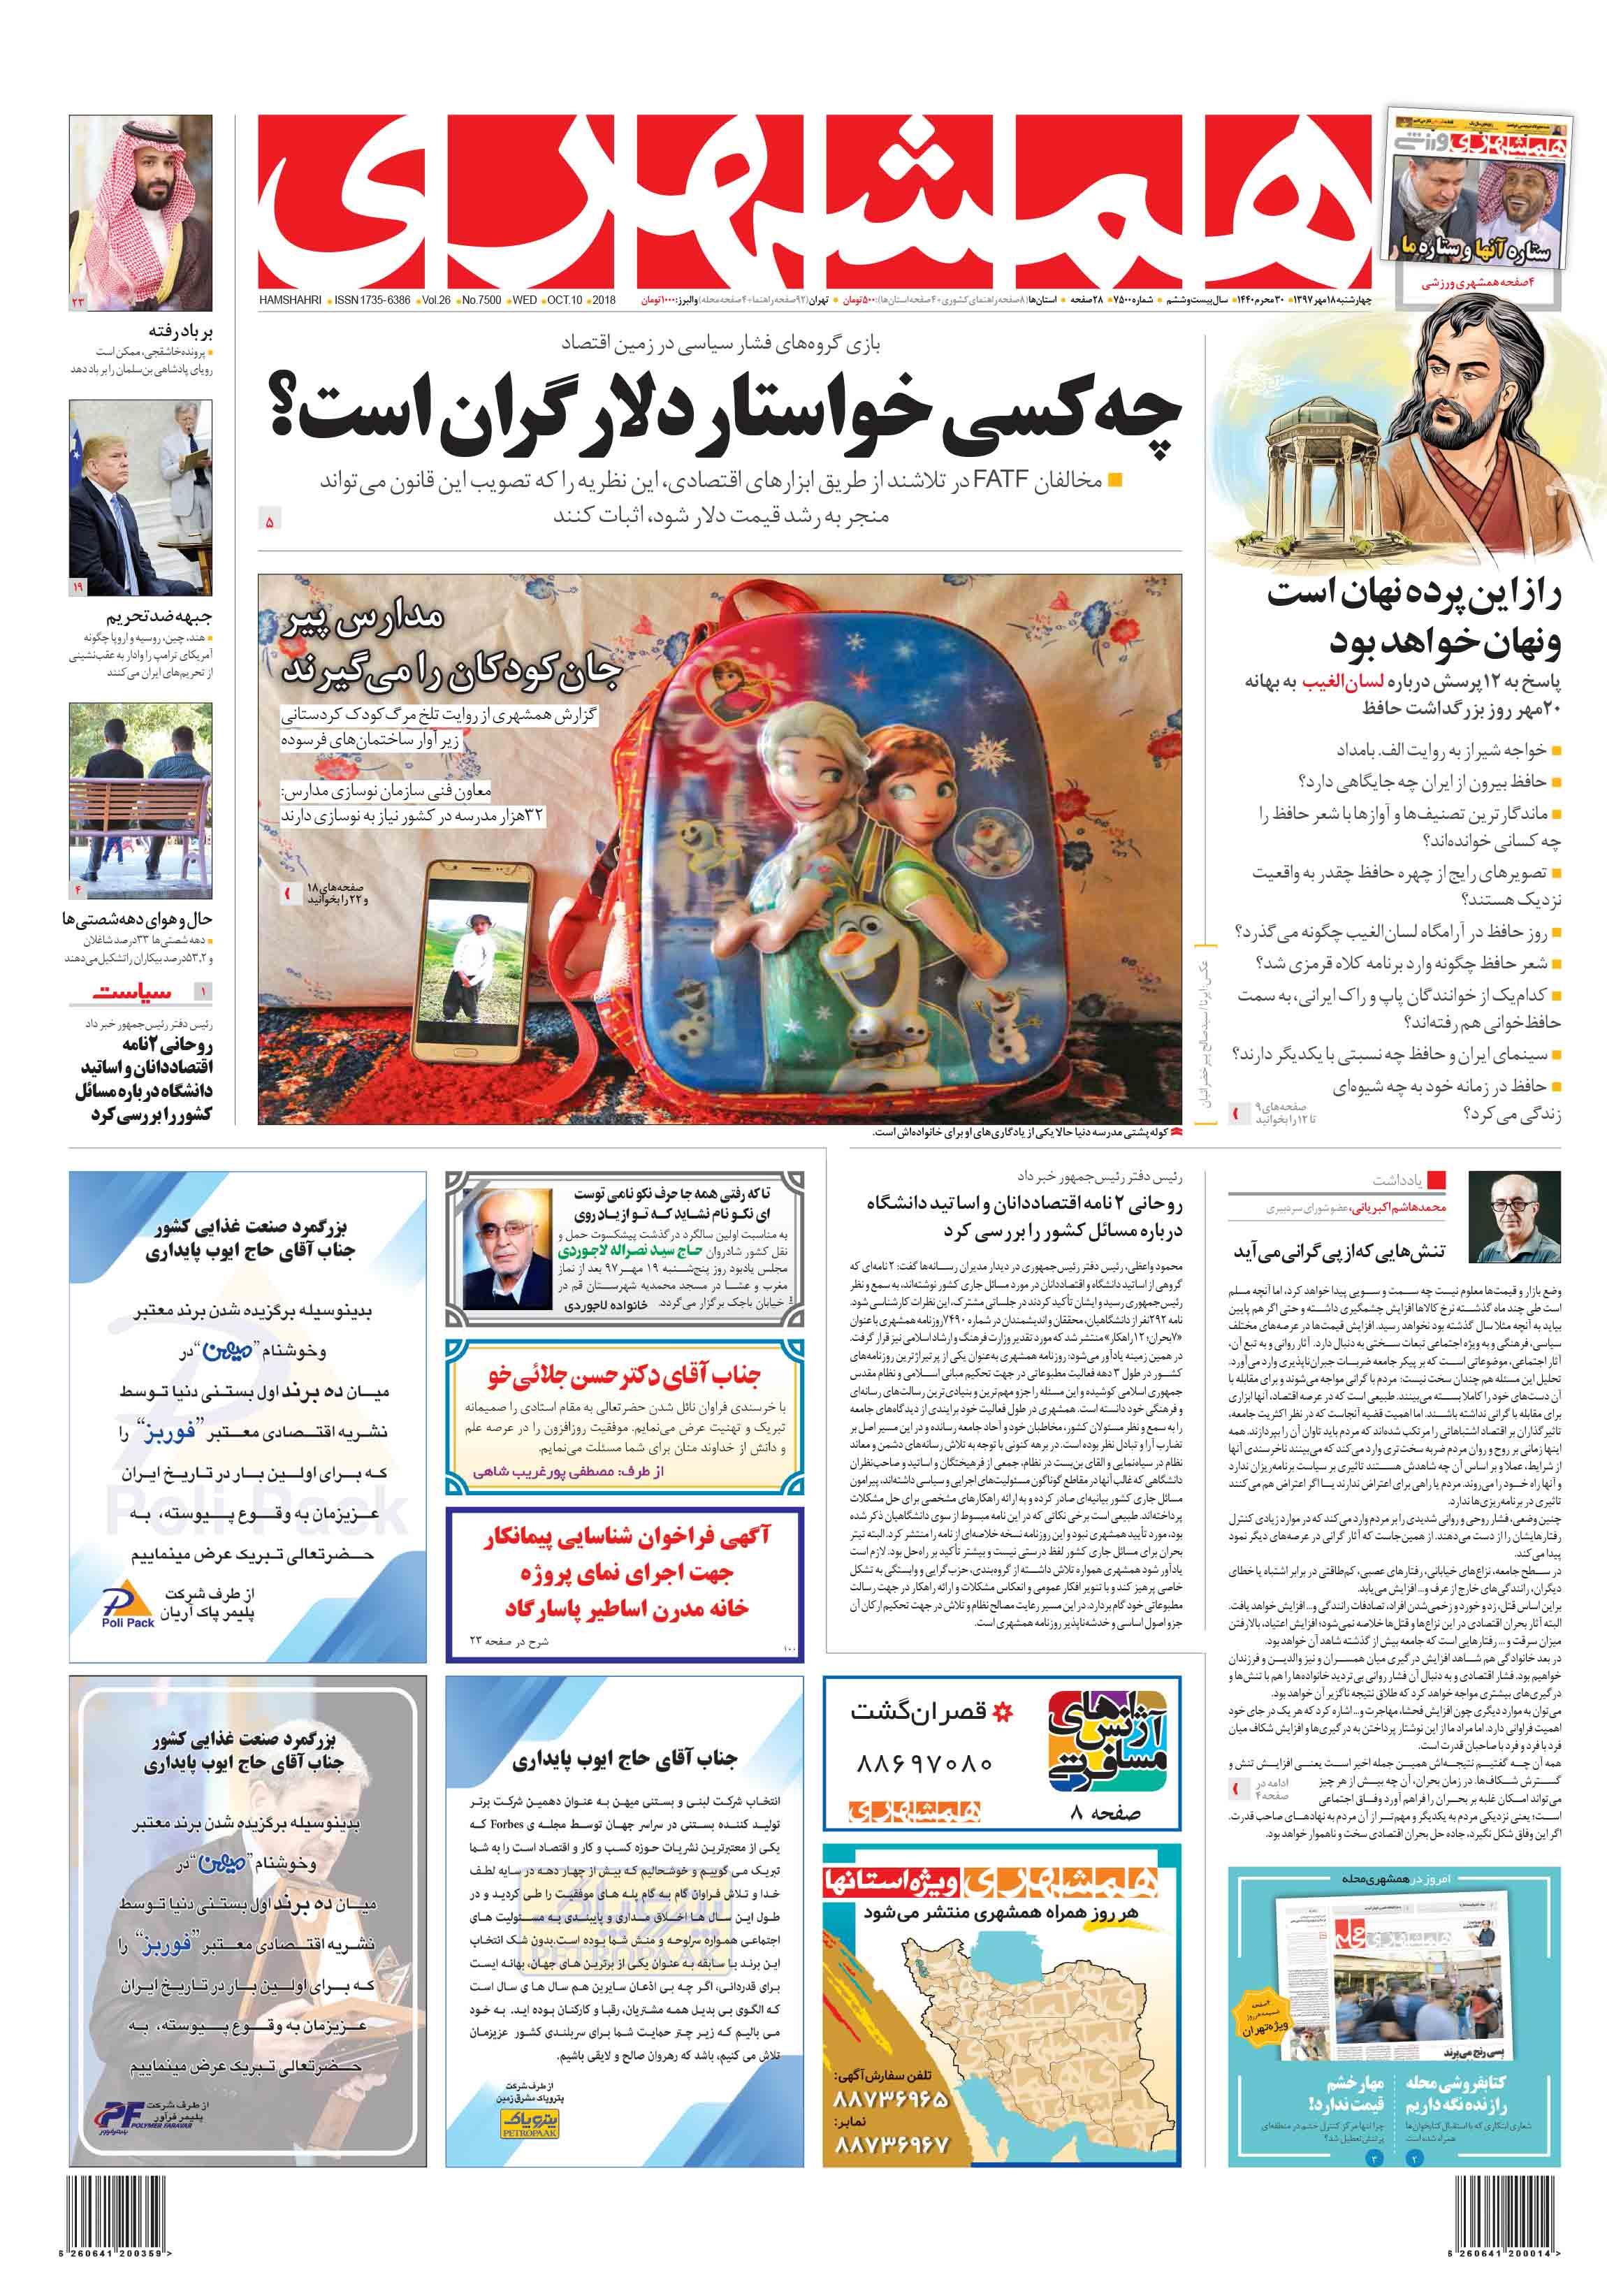 صفحه اول چهارشنبه 18 مهر 1397